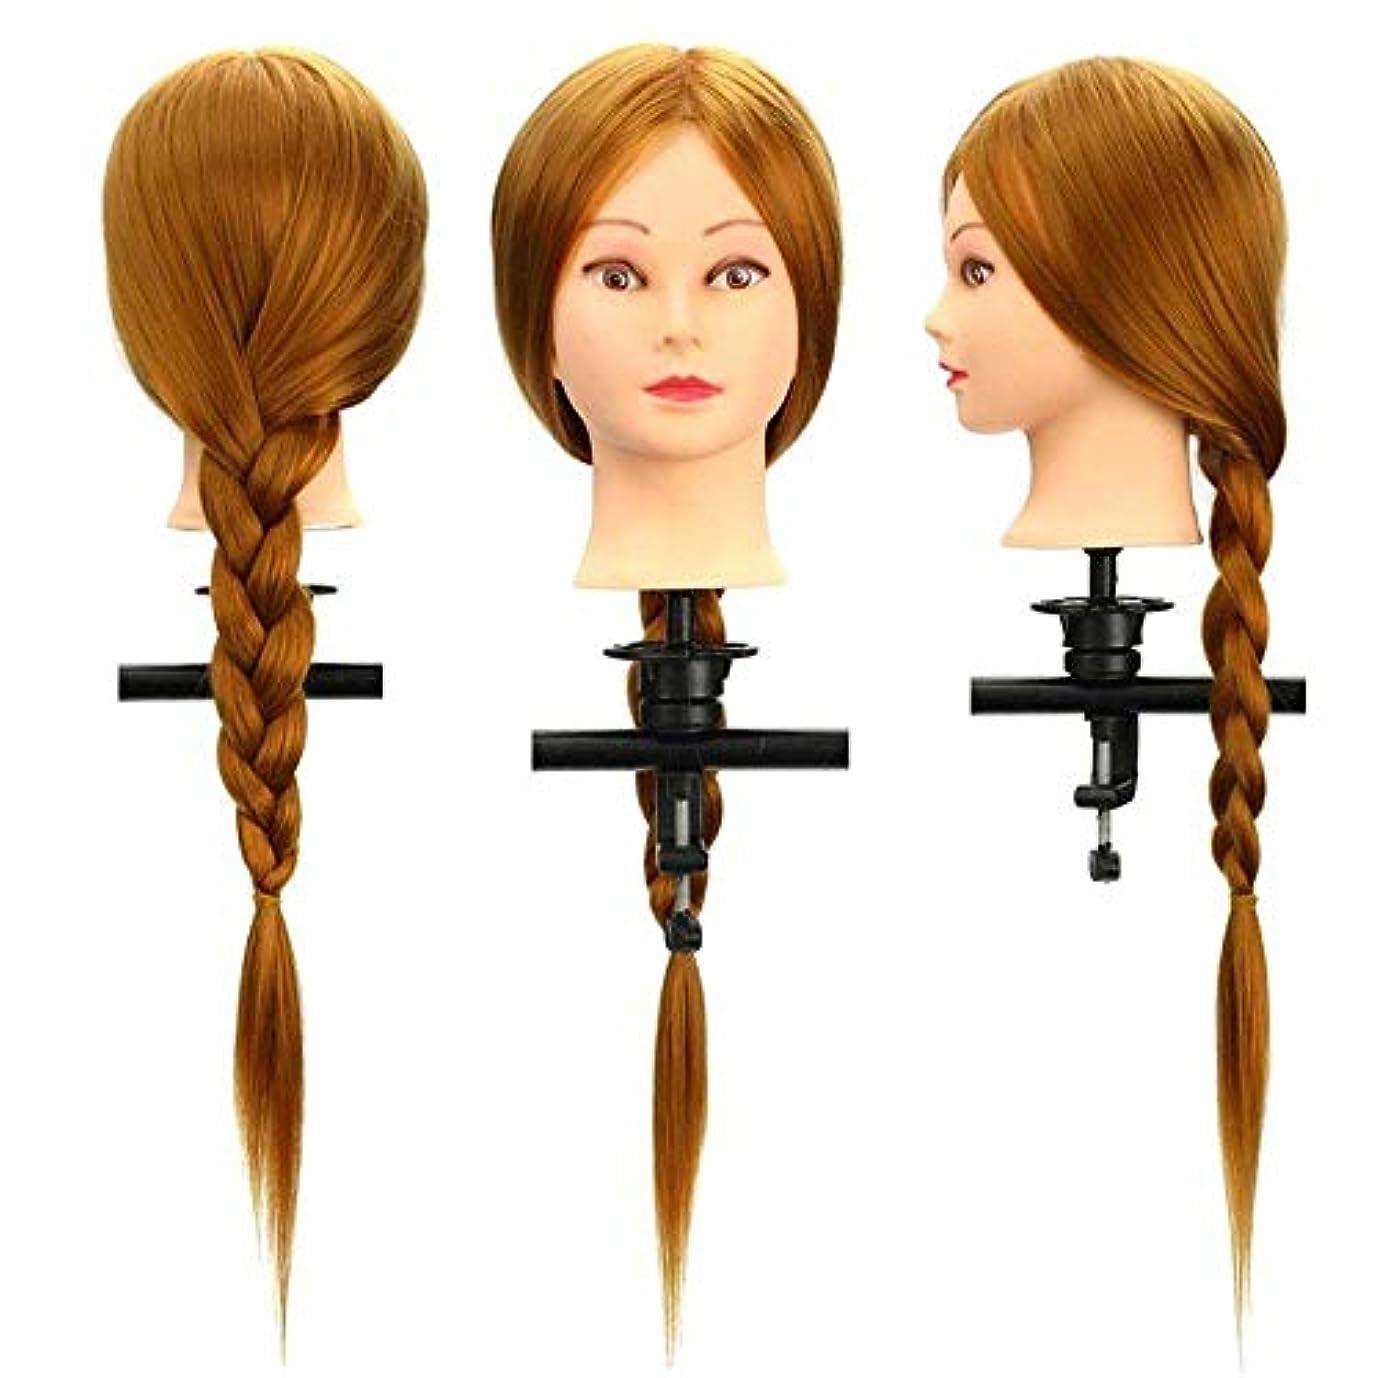 慣れる専門用語フォームヘアマネキンヘッド 表クランプ30%本物の人間のロング理髪カットマネキンの髪トレーニング頭サロン ヘア理髪トレーニングモデル付き (色 : 褐色, サイズ : 26